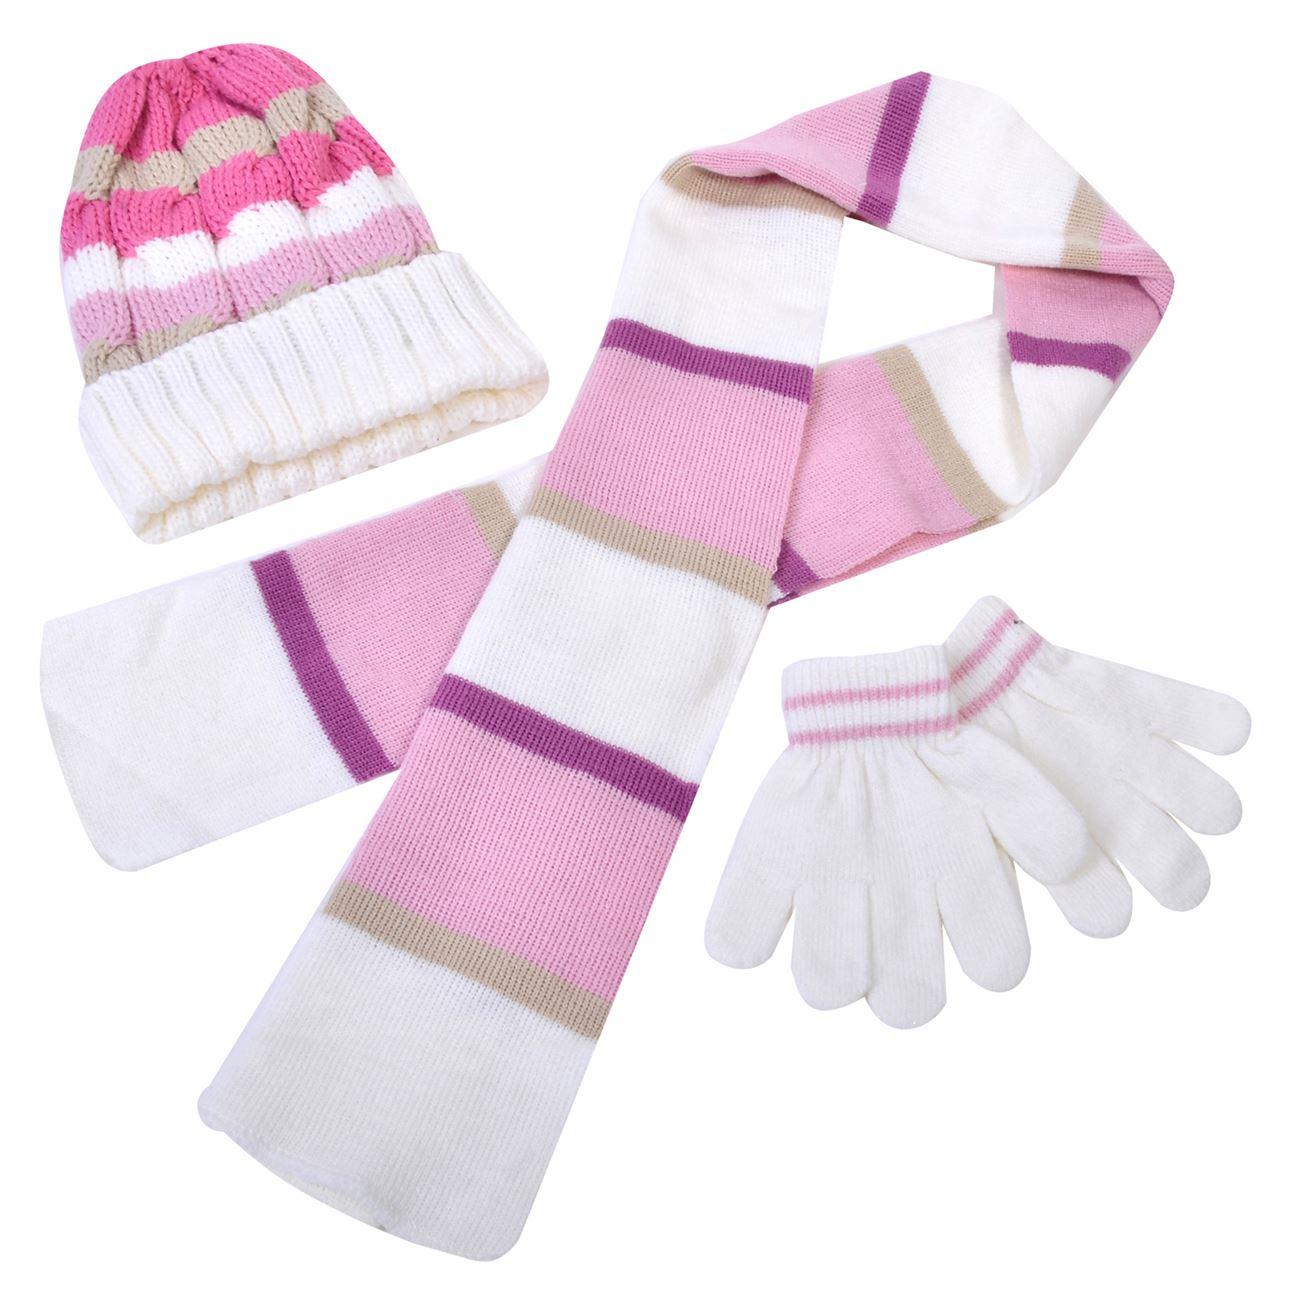 54667afb1f1 Σετ Κασκόλ Γάντια Σκούφος < Σετ Αξεσουάρ Χειμωνιάτικα για Κορίτσια ...